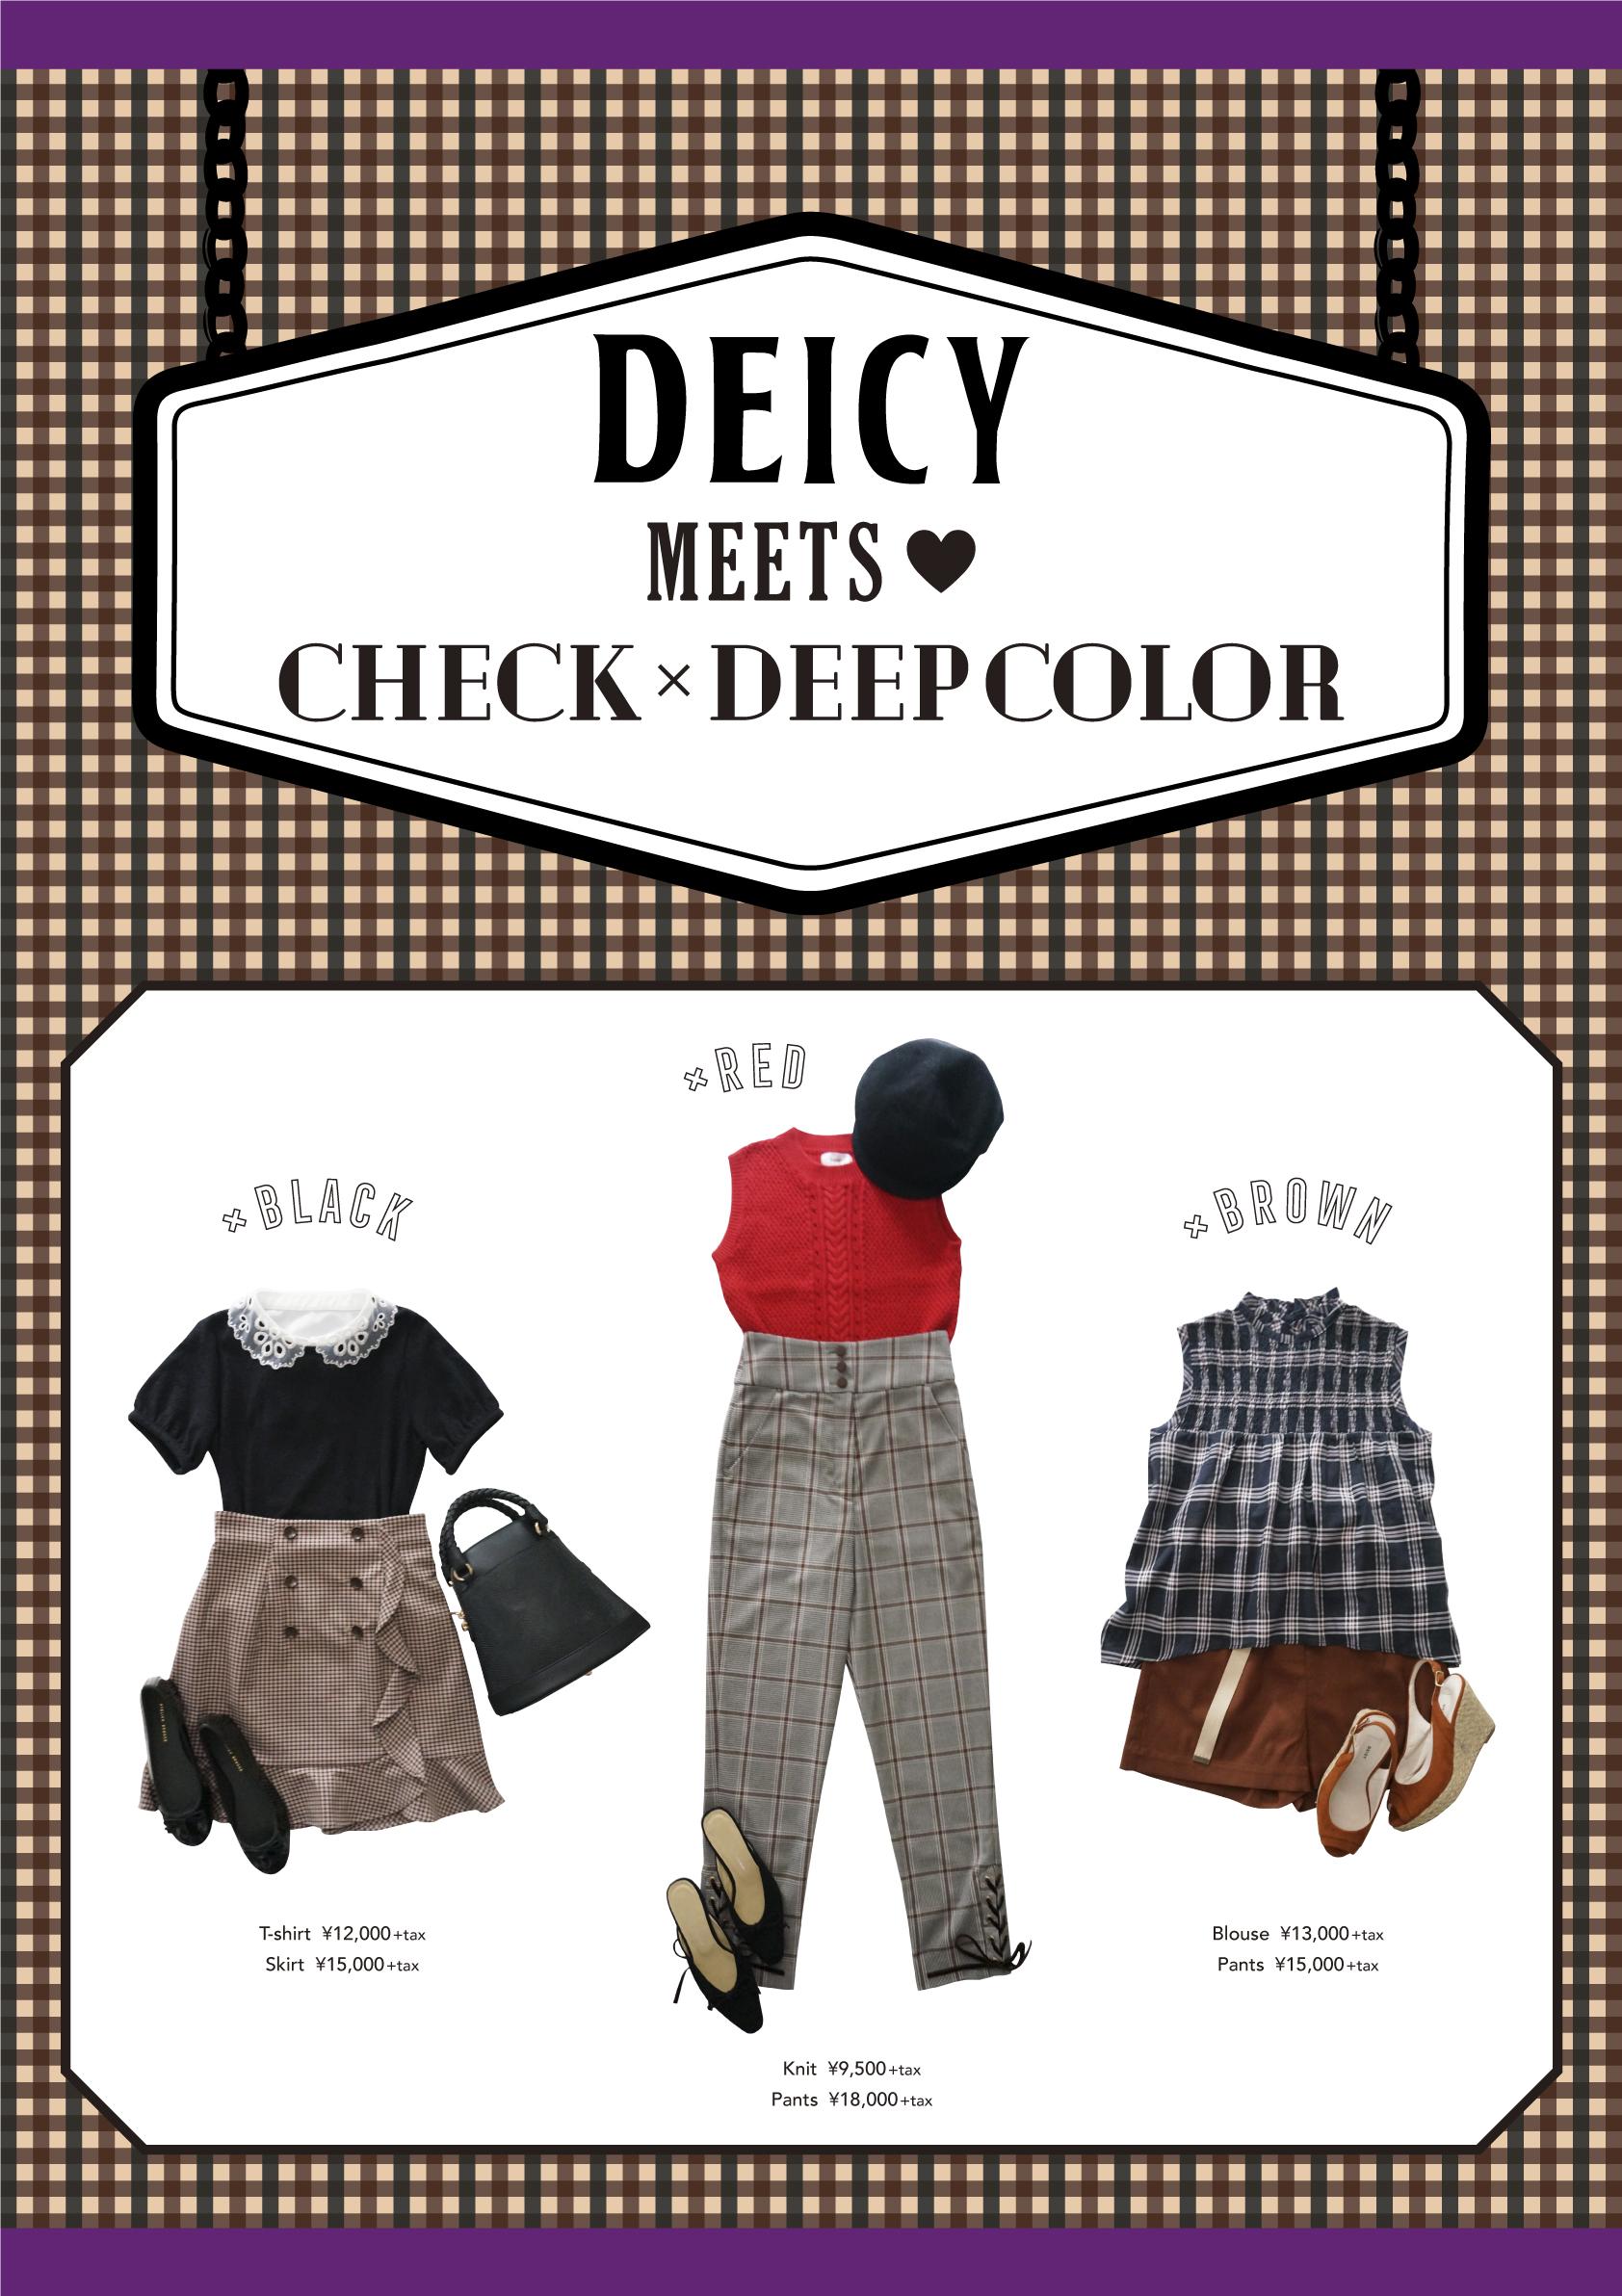 DEICY MEETS♥CHECK×DEEPCOLOR